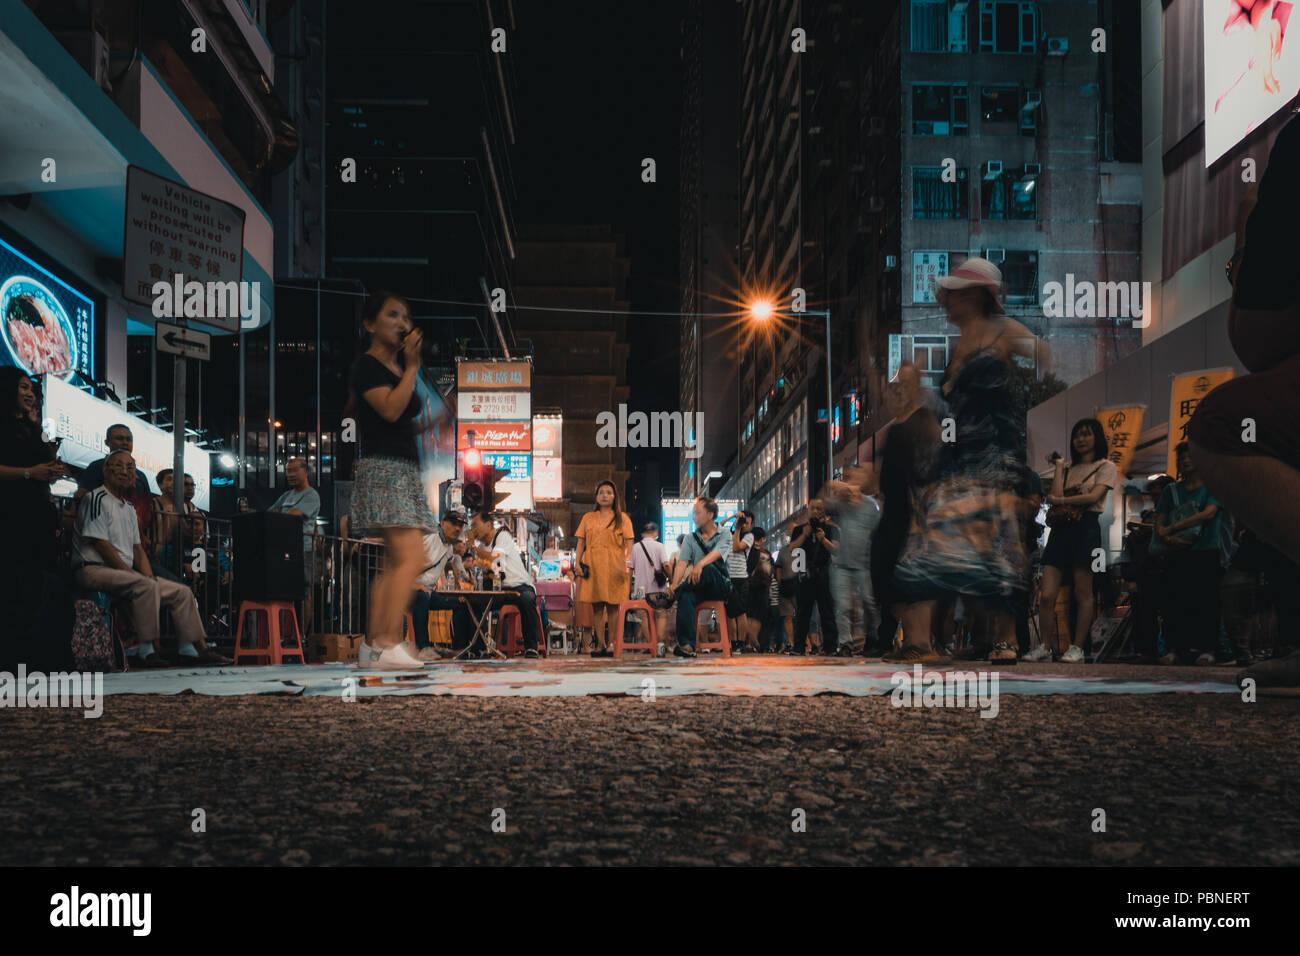 Juli 28, 2018, Hong Kong: Mong Kok Straße Kultur. Leute, die sich ein strassenmusiker Leistung im Sai Yeung Choi Street, Mongkok in Hongkong. Stockbild